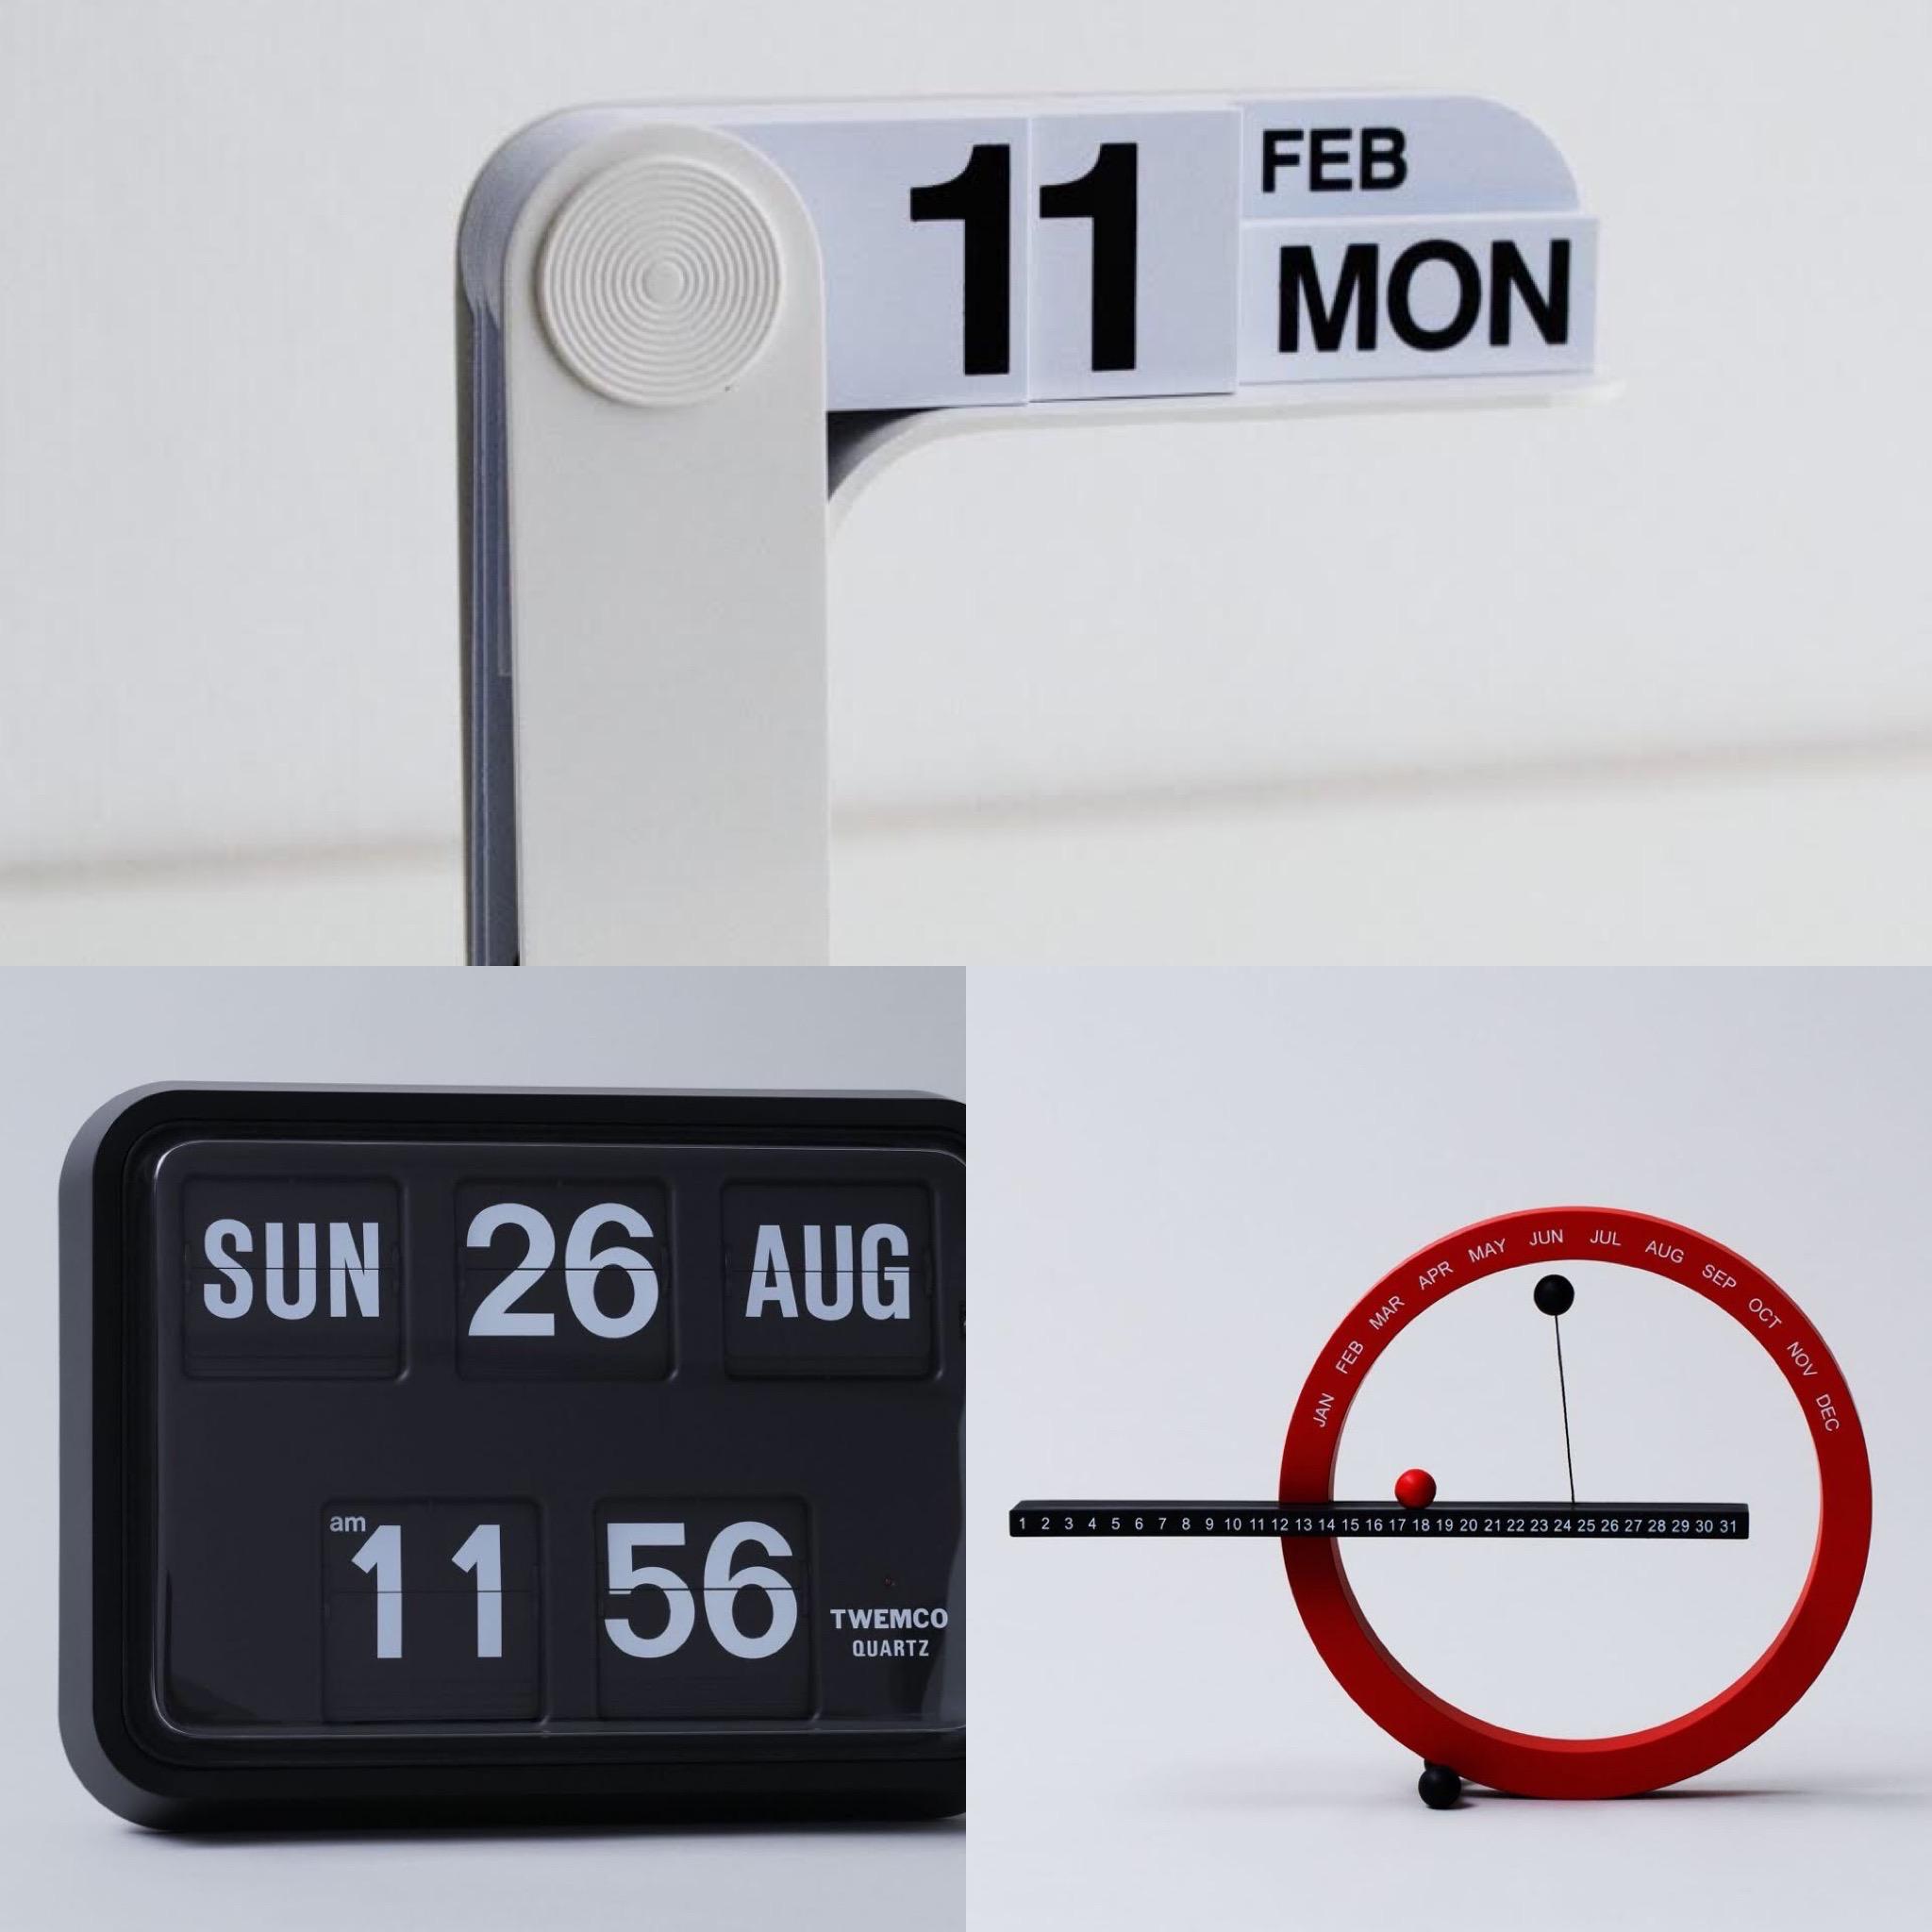 【万年カレンダー3選】オフィスのデスクに。新しい年に心機一転したいカレンダーは万年タイプが便利